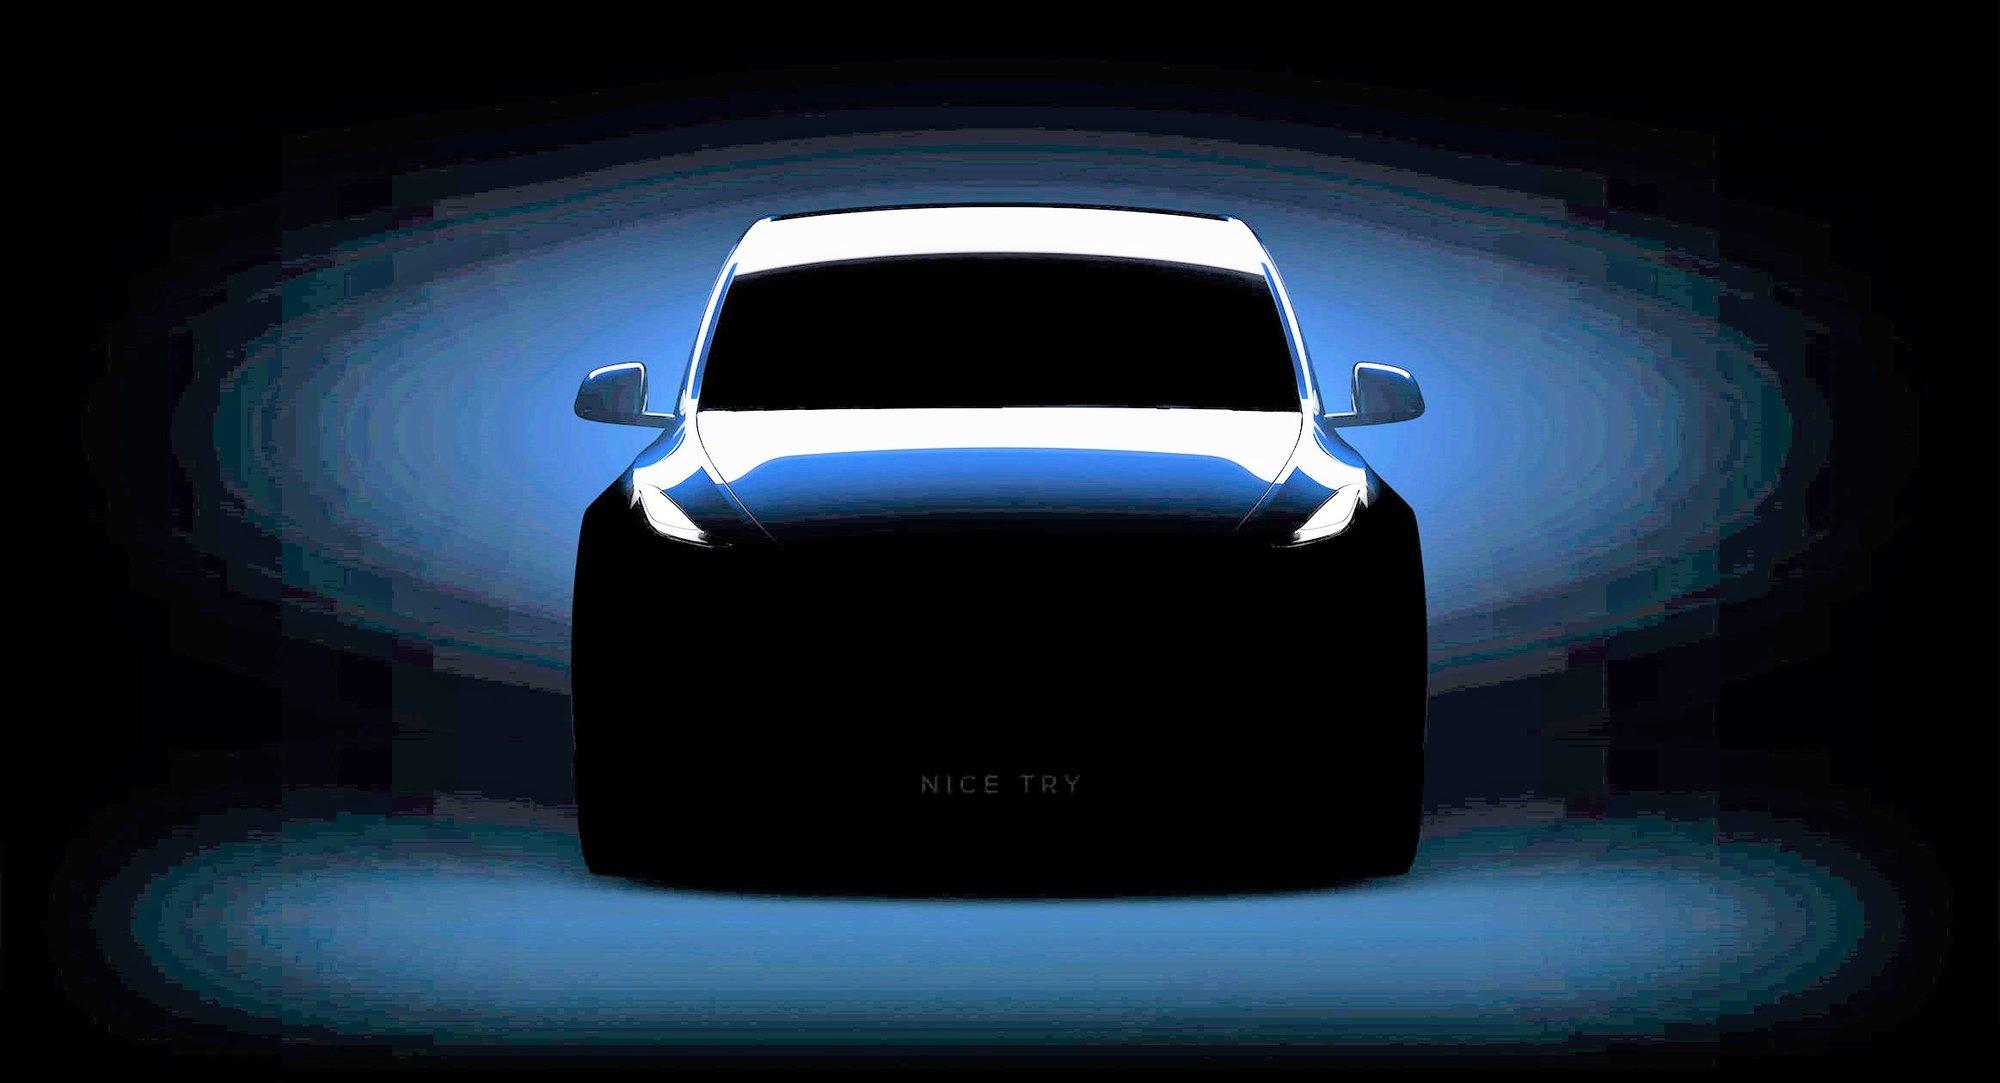 """Po úpravě stínů a expozice se na fotce Tesly objeví nápis """"Nice Try,"""" (slušný pokus) kterým se Tesla vysmívá zvědavcům."""